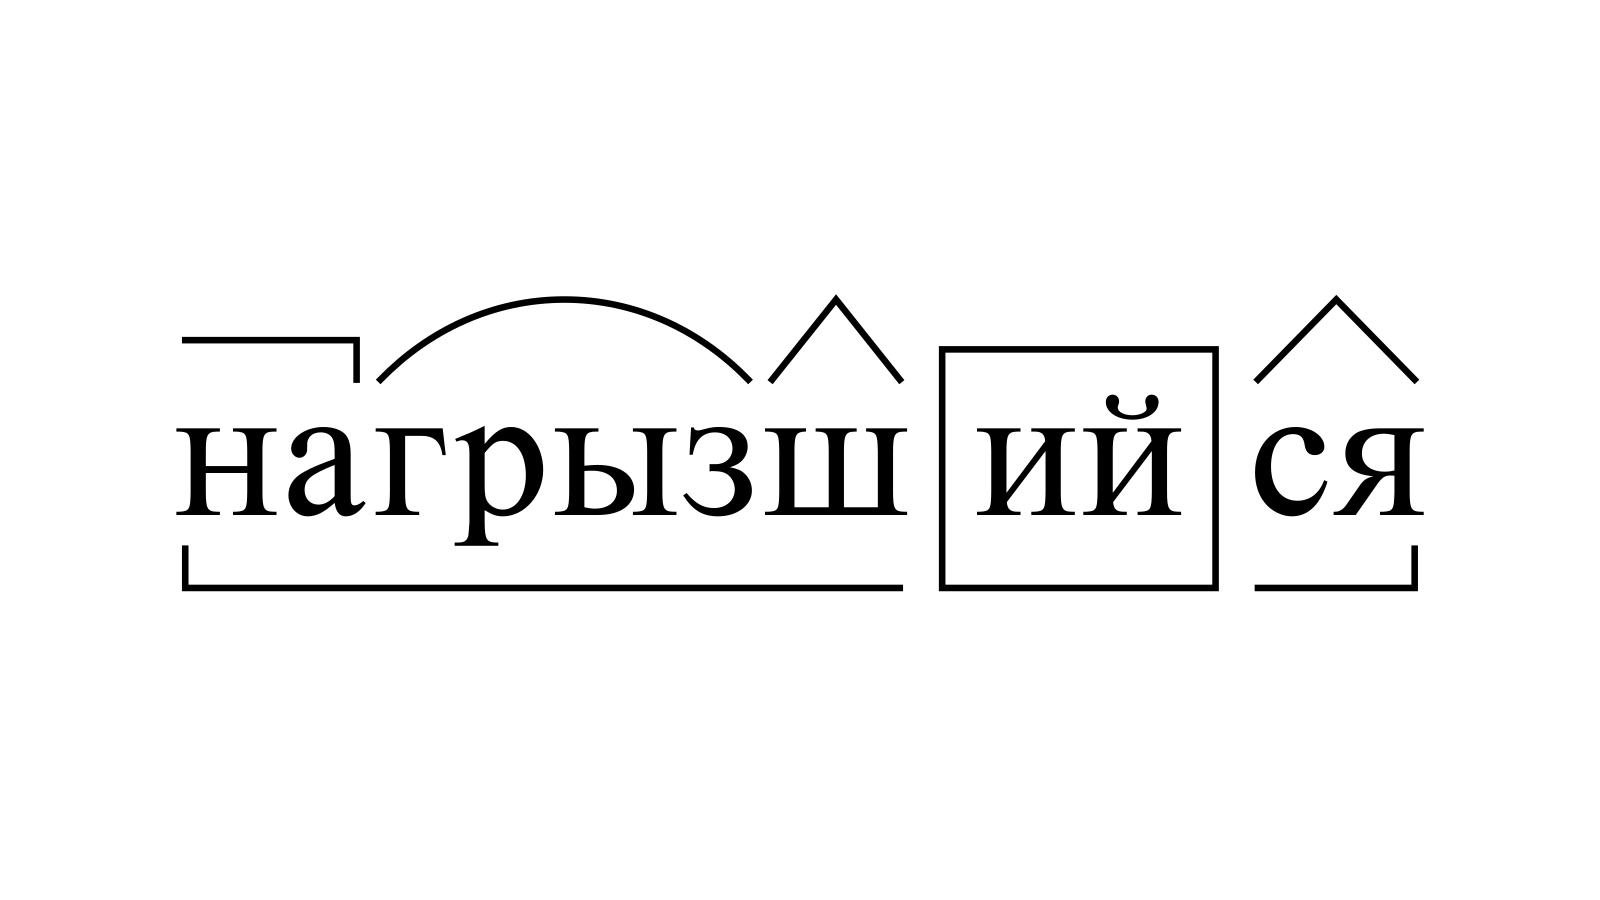 Разбор слова «нагрызшийся» по составу